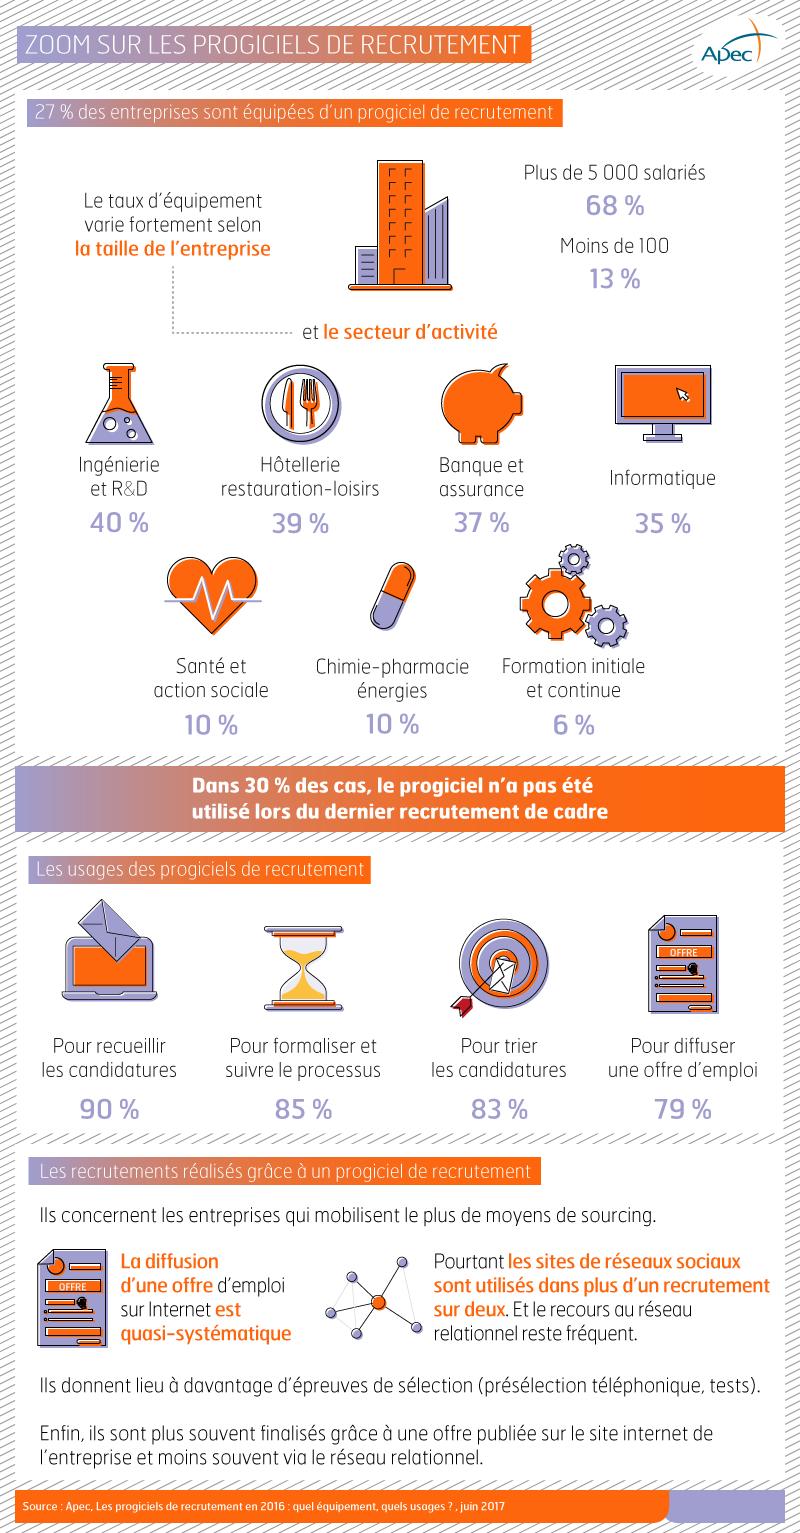 Infographie - Zoom sur les progiciels de recrutement